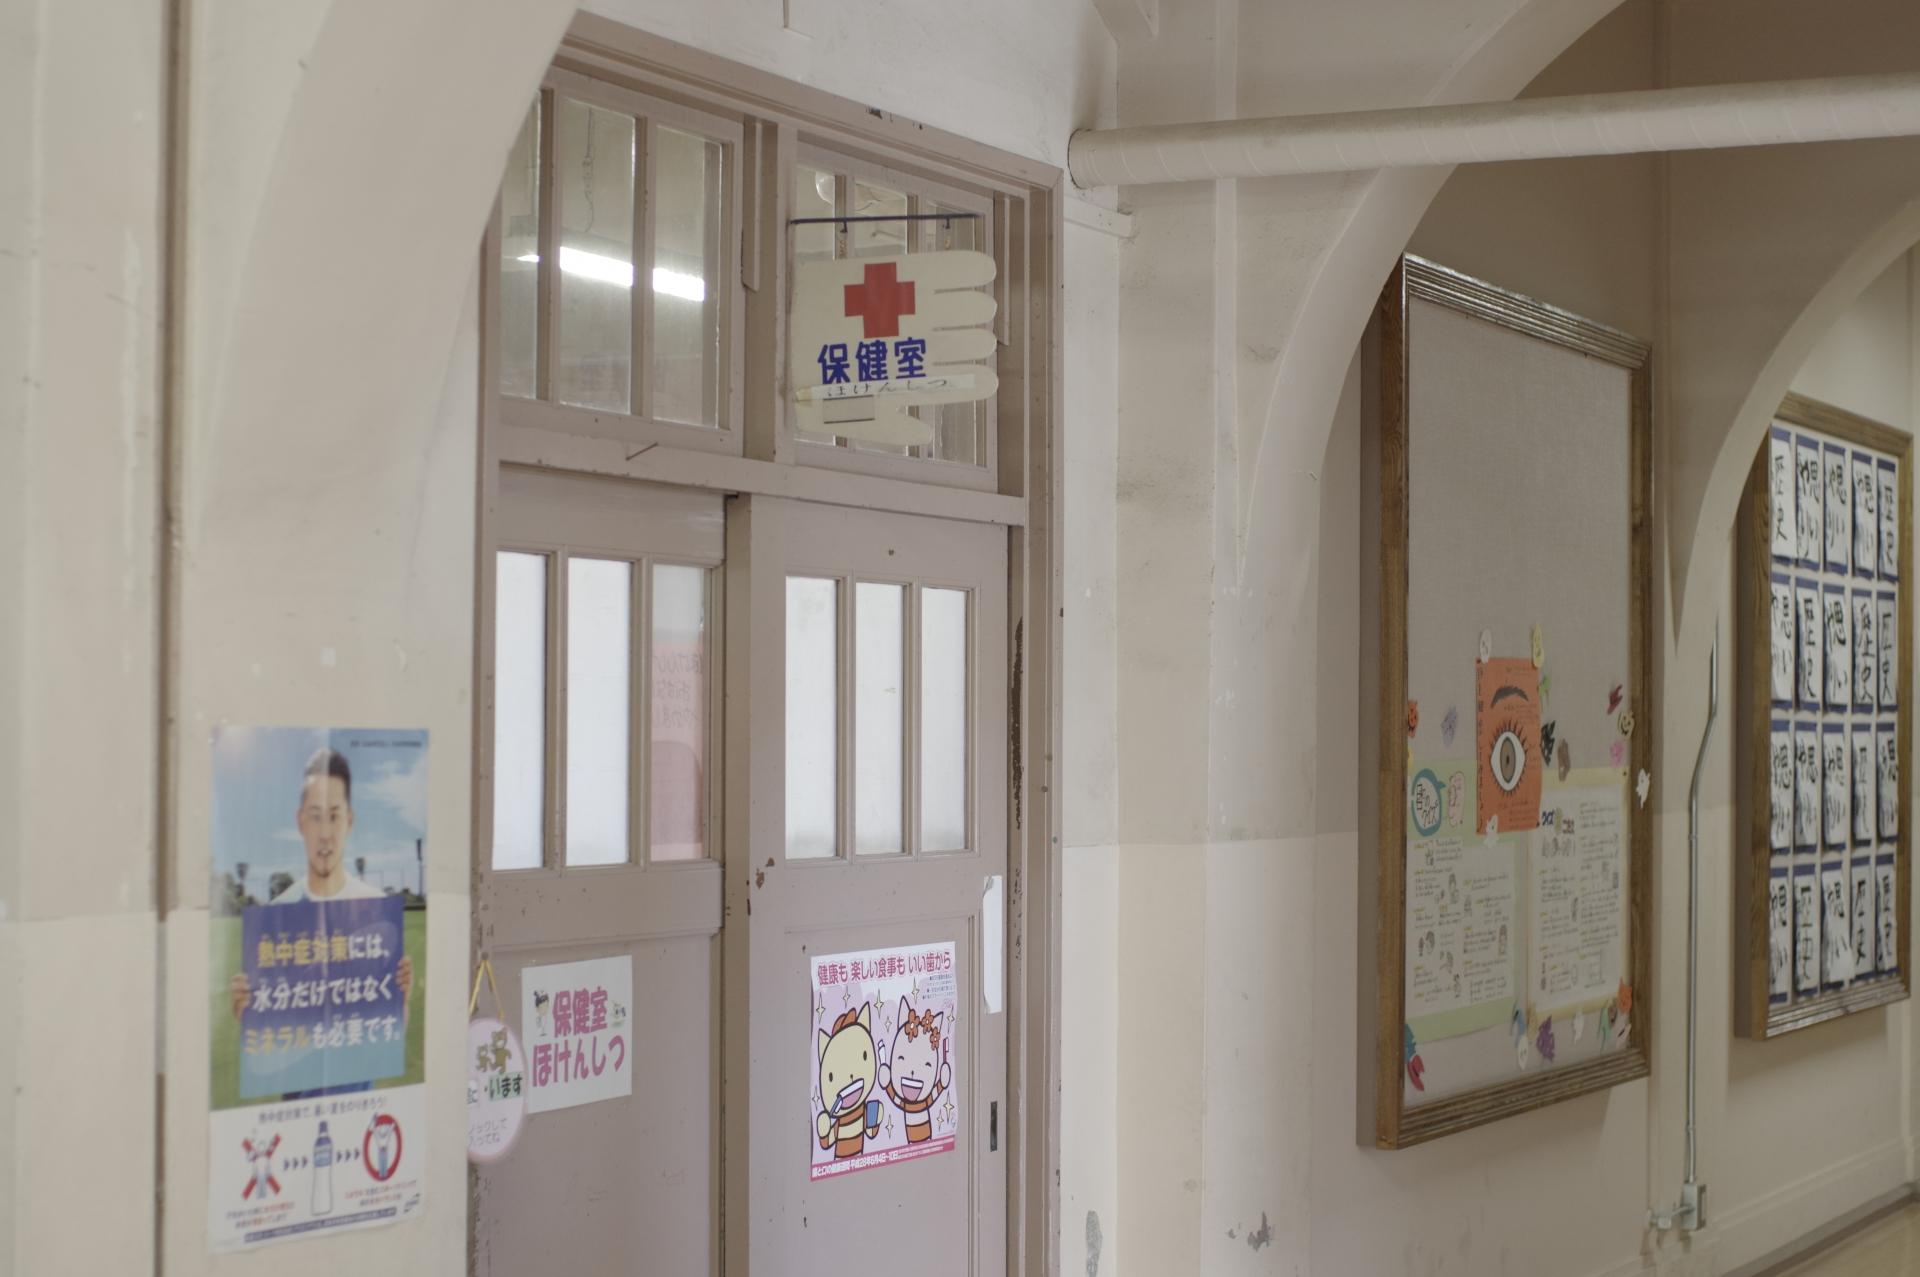 保健室で働く養護教諭は児童の健康と生命を預かる大事な仕事